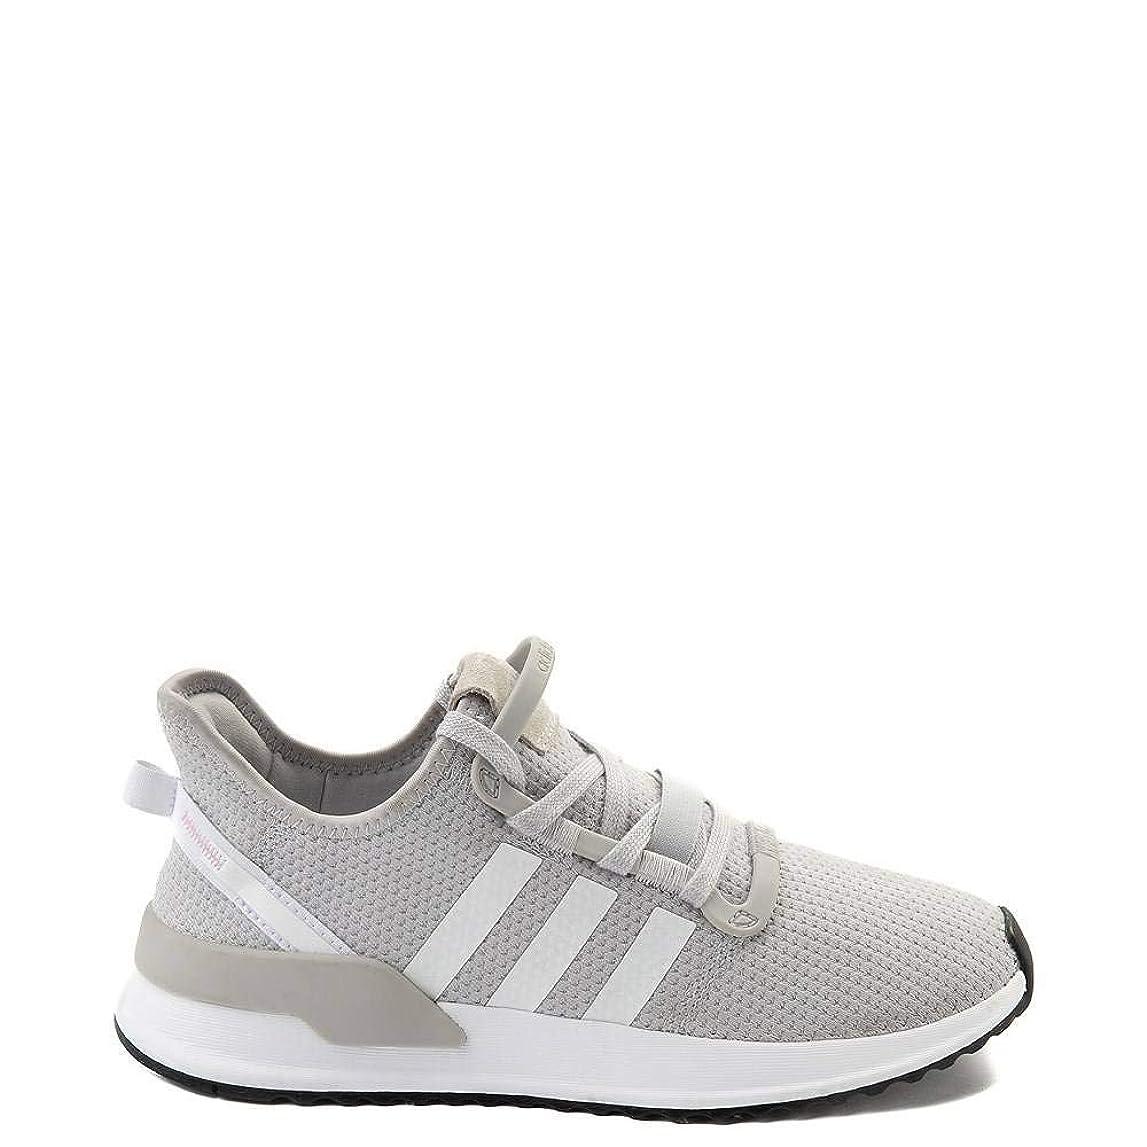 オアシスハシー投票[アディダス] レディース靴?スニーカーU_Path Athletic Shoe Uパスアスレチックシューズ Gray/White グレー US 6.5(23.5cm) [並行輸入品]